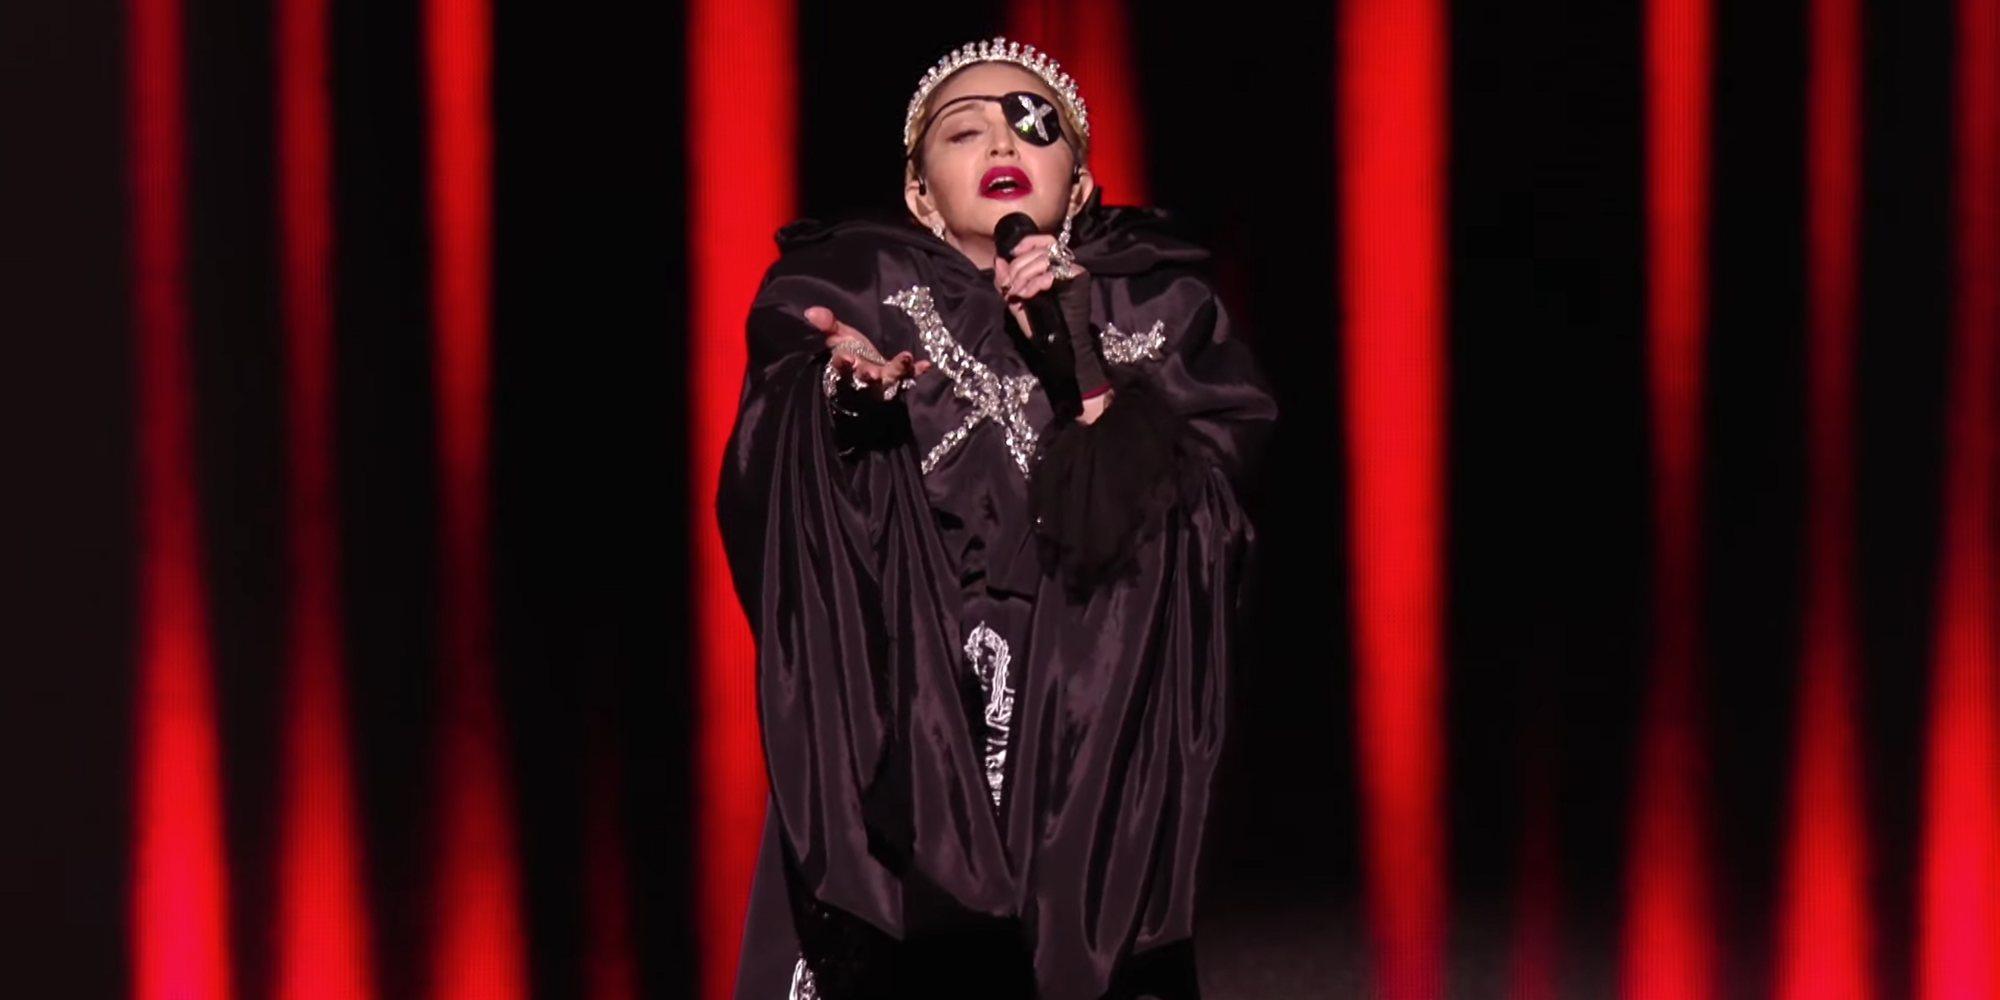 Madonna sube la actuación de Eurovisión 2019 a su canal de Youtube con el sonido editado y sin gallos